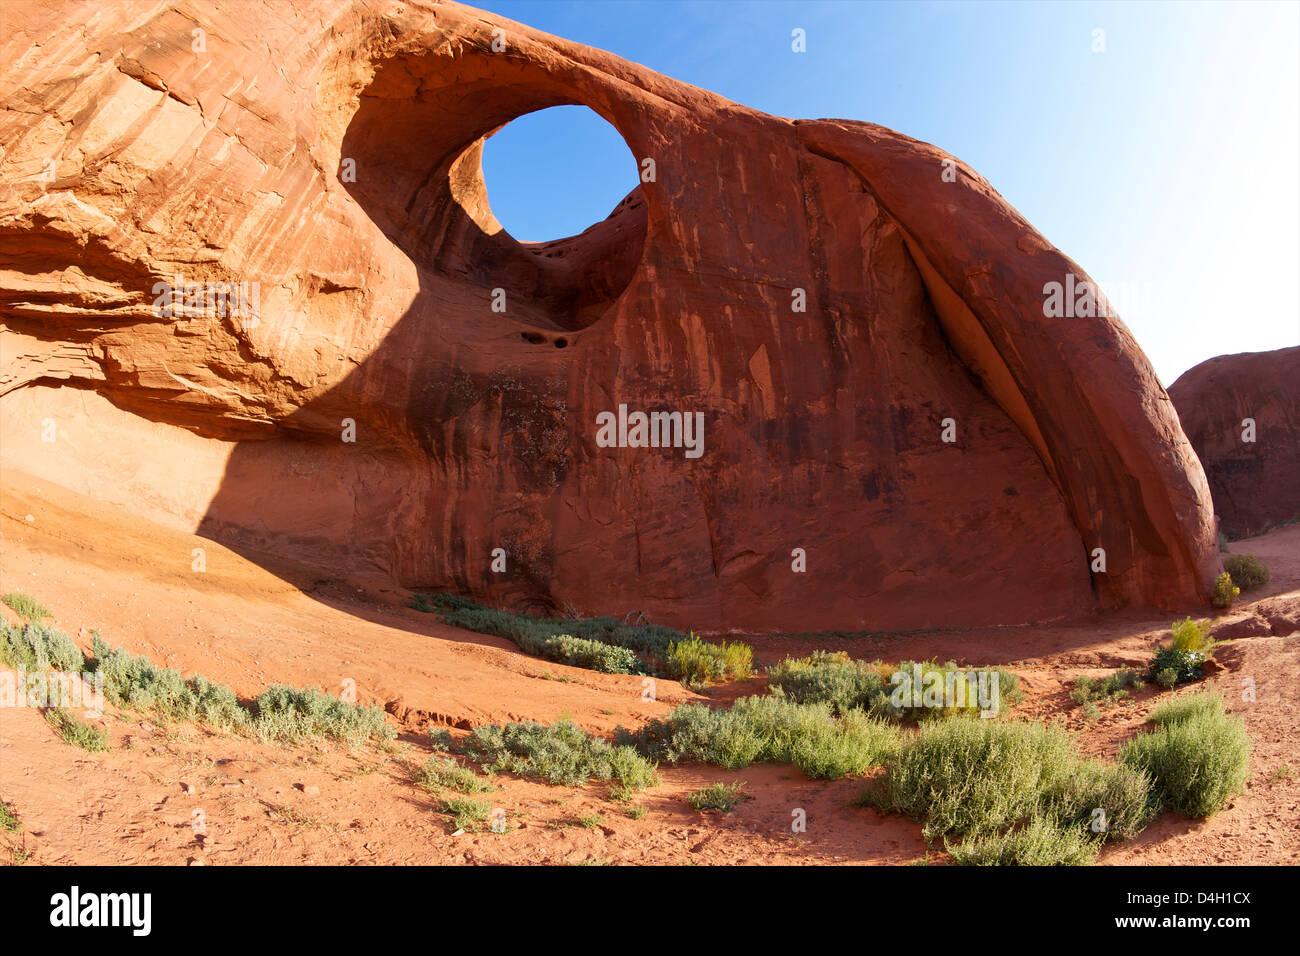 Oído del Viento, Monument Valley Navajo Tribal Park, Utah, EE.UU. Imagen De Stock